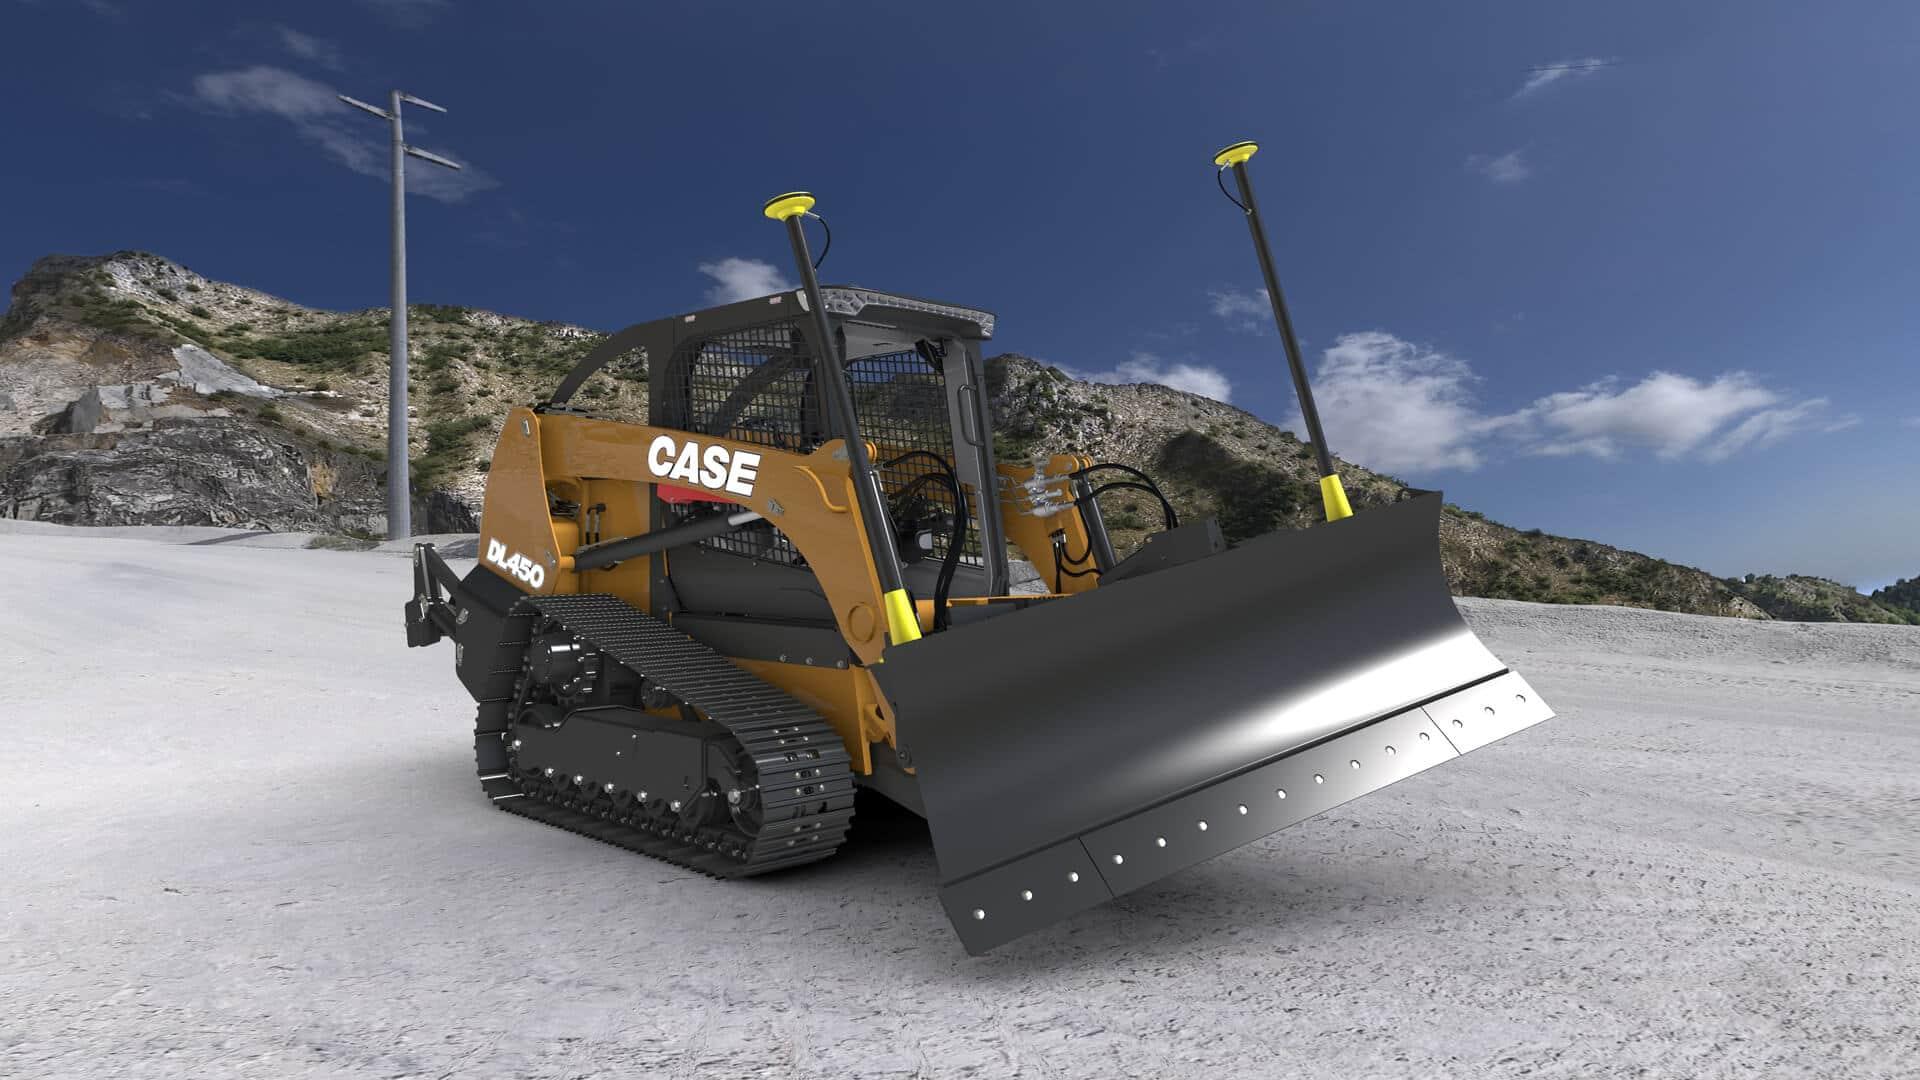 CASE Introduces Project Minotaur | CASE News